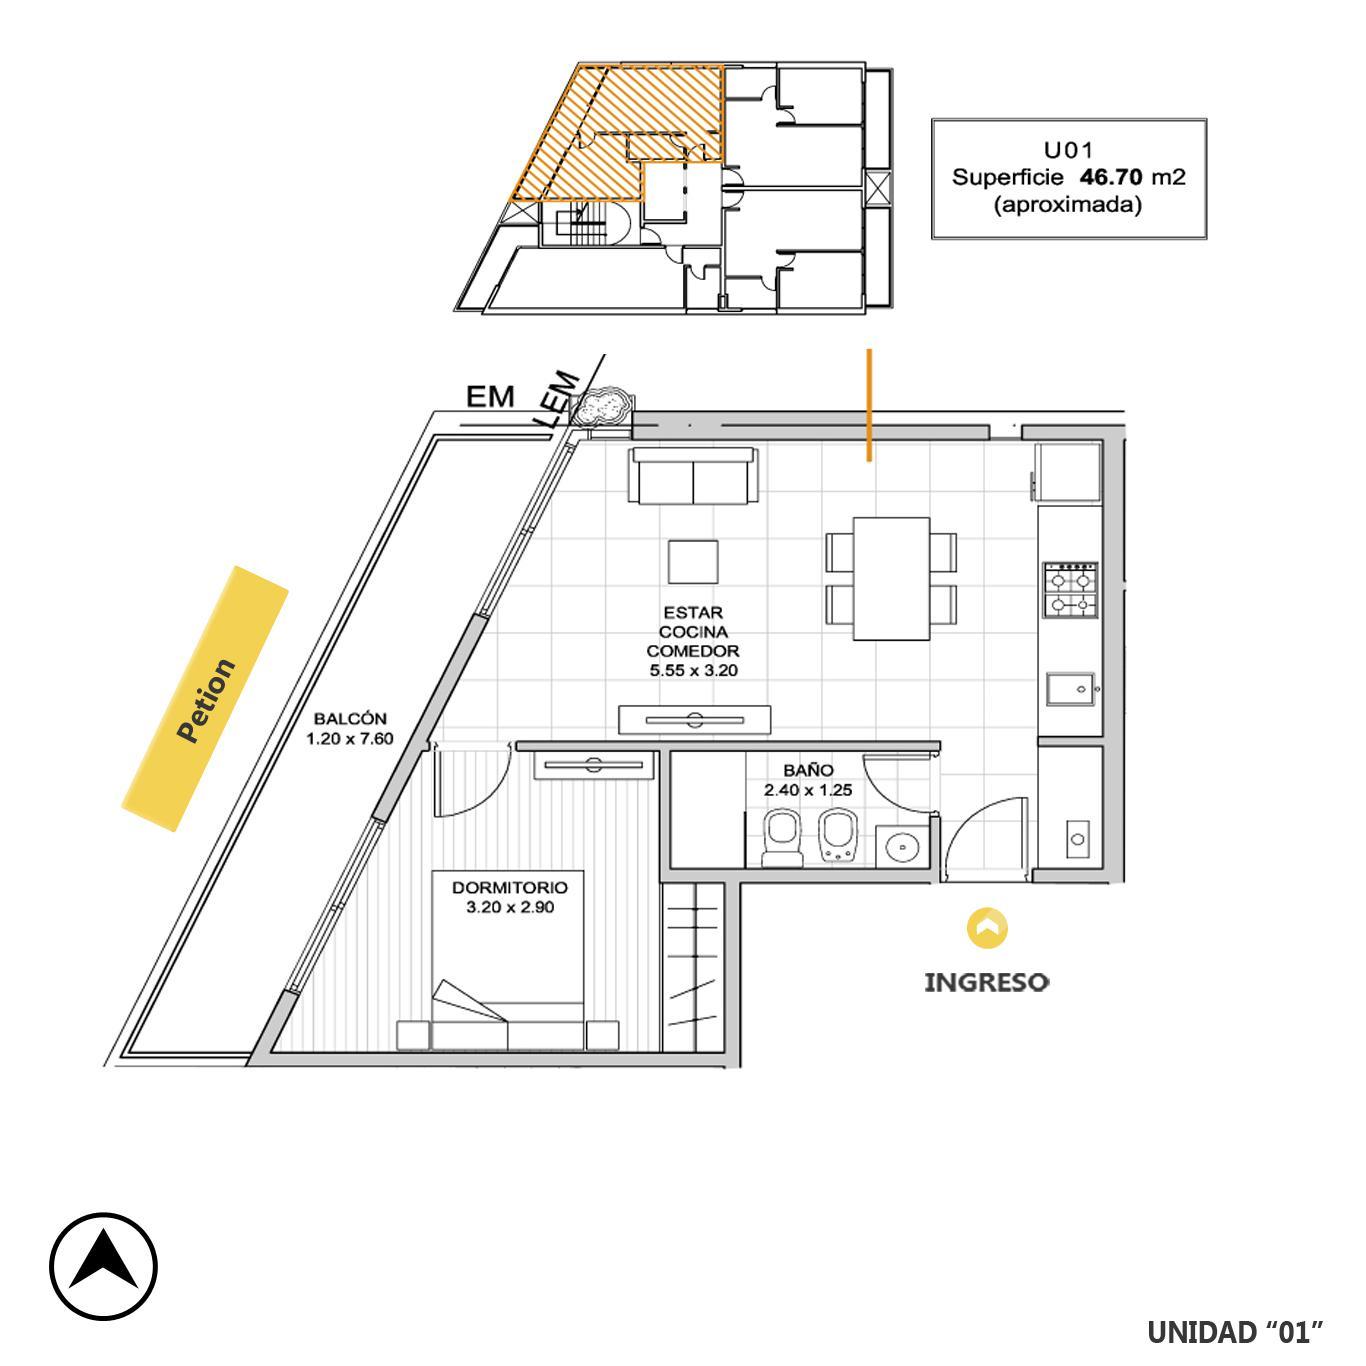 Venta departamento 1 dormitorio Rosario, Remedios De Escalada De San Martin. Cod CBU23216 AP2197207. Crestale Propiedades